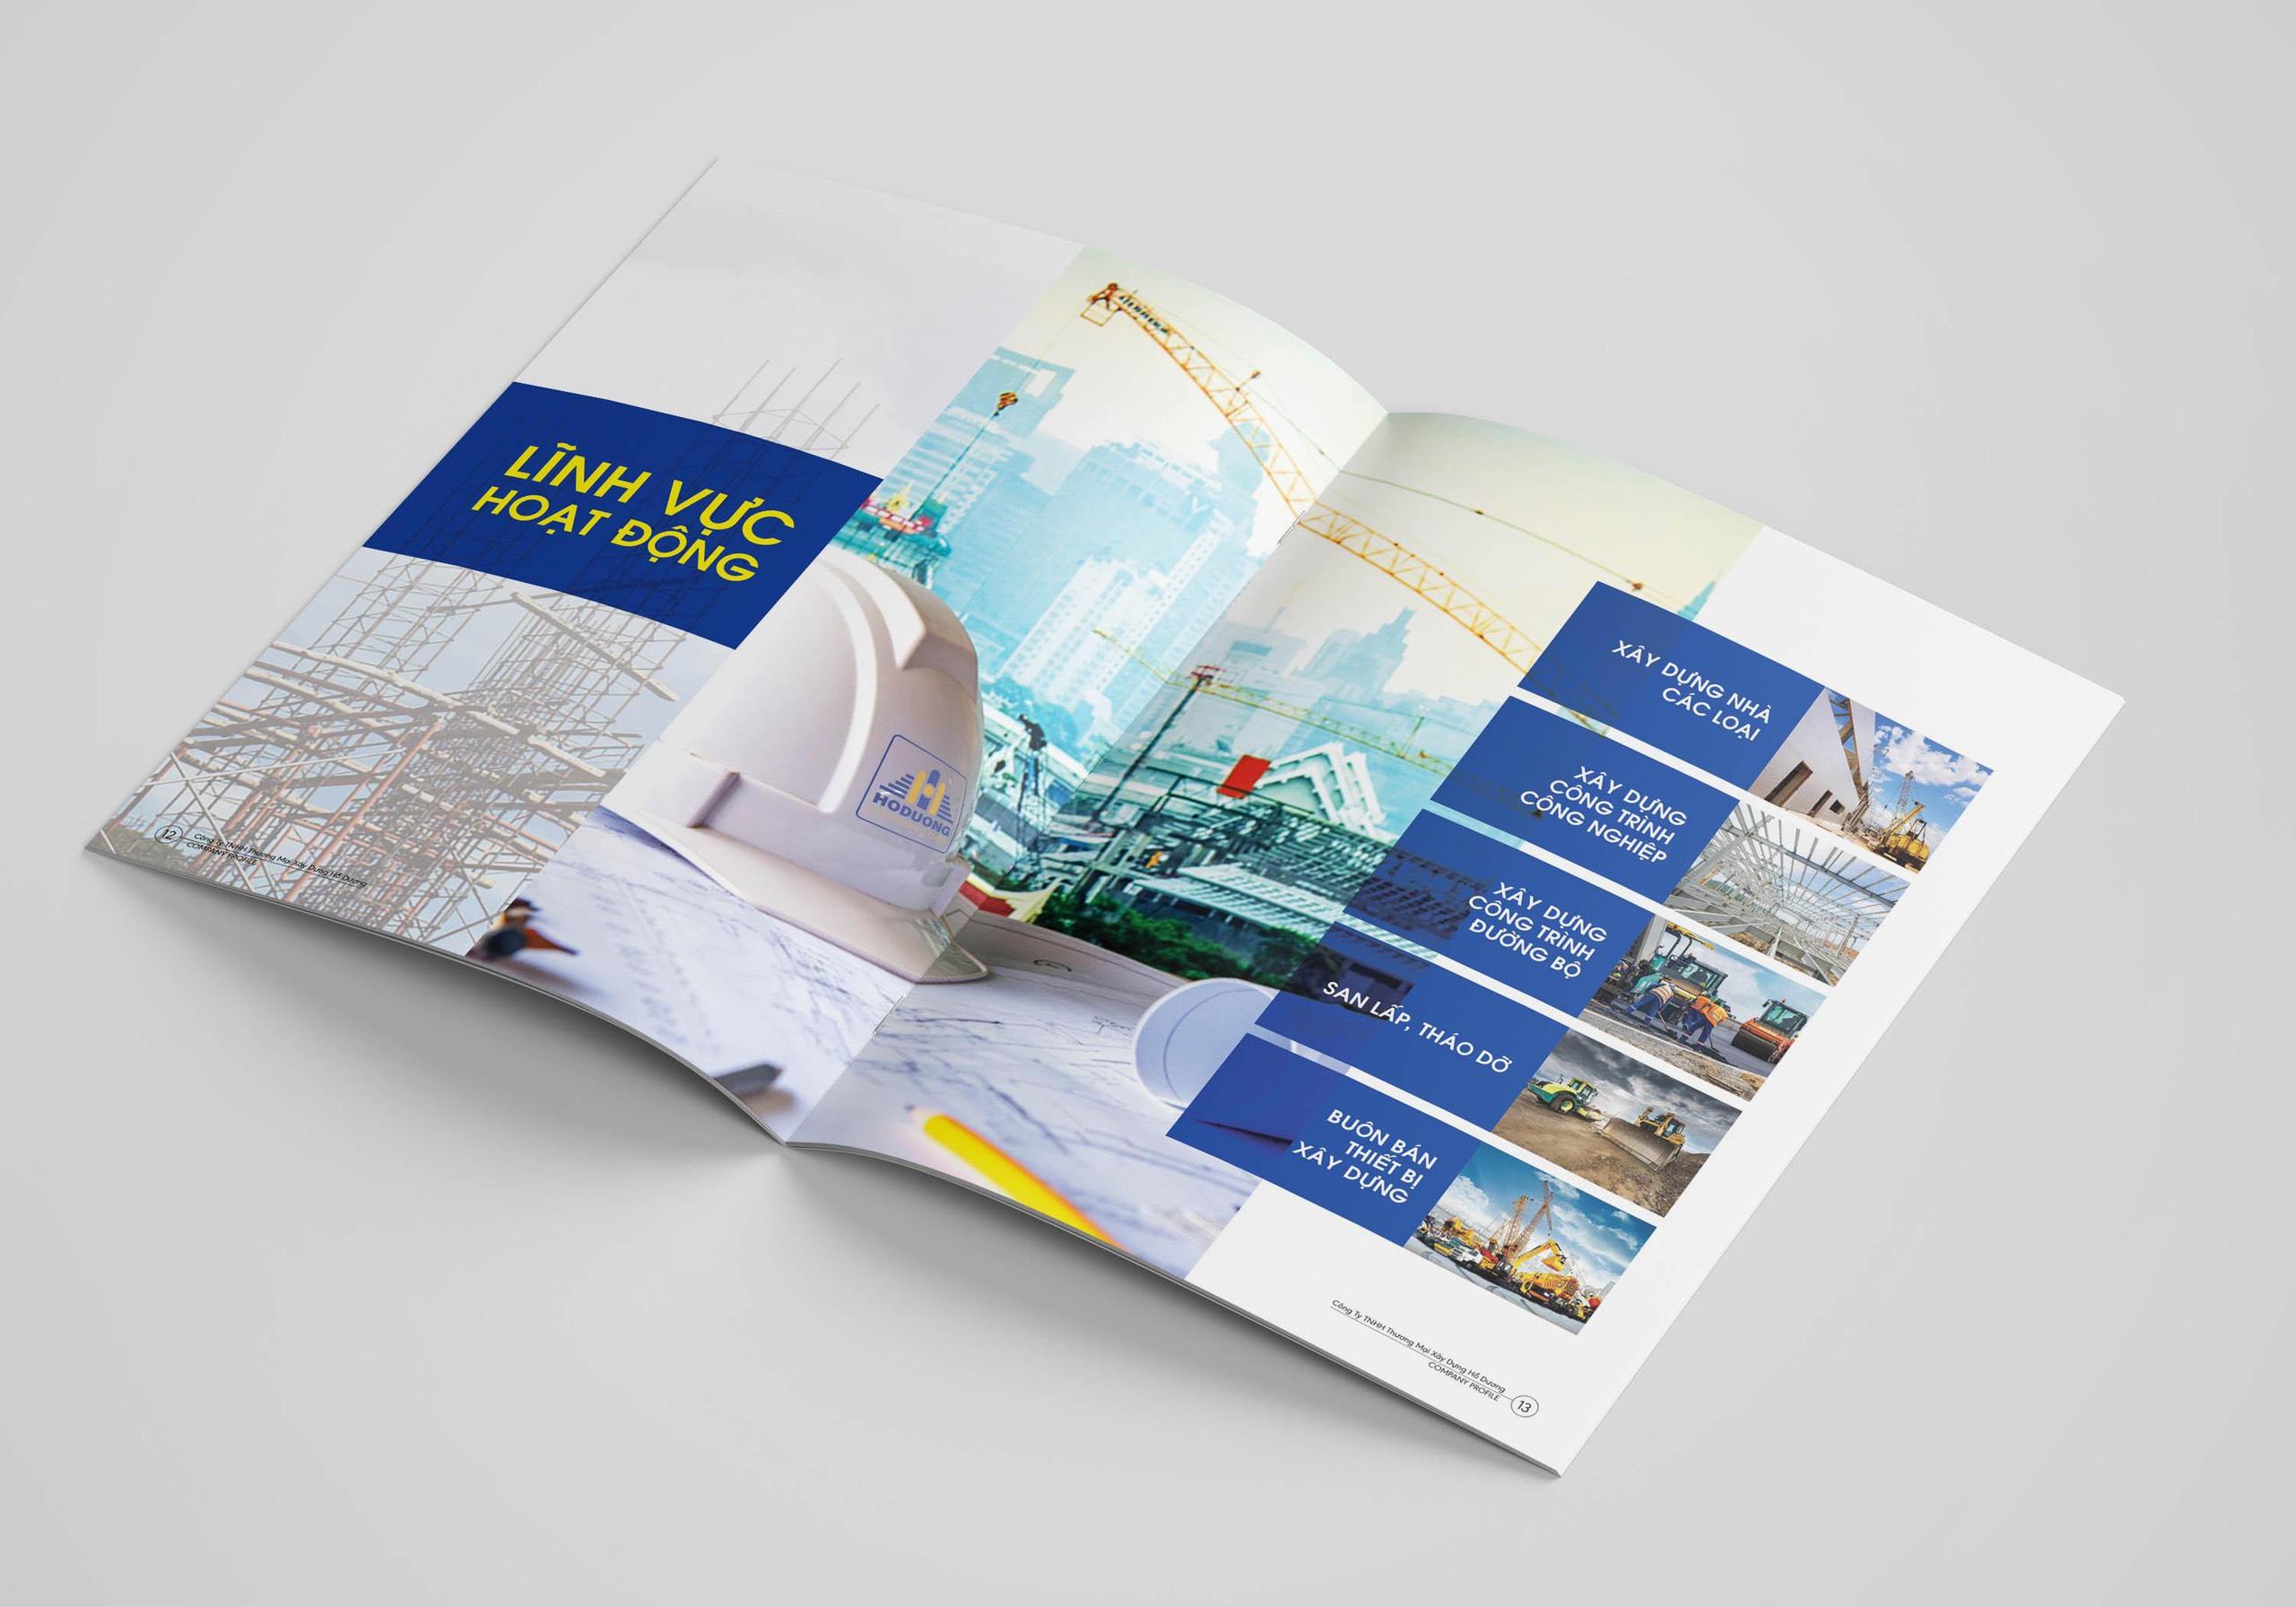 thiết kế hồ sơ năng lực công ty xây dựng 4